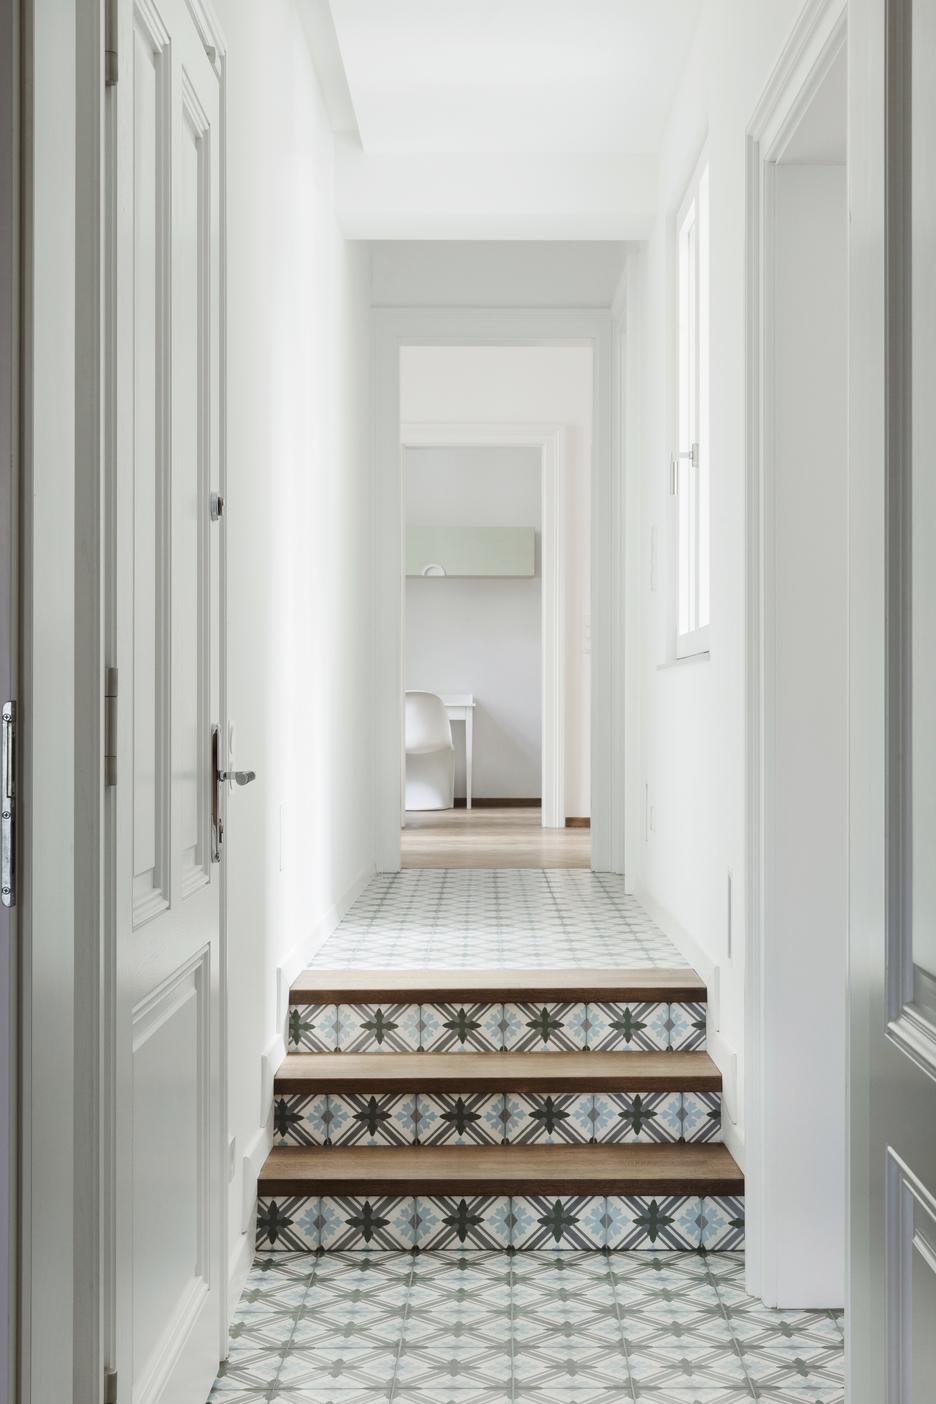 Hallway design Vienna-stairs with concrete tiles and wood-staircase design with concrete tiles Vienna